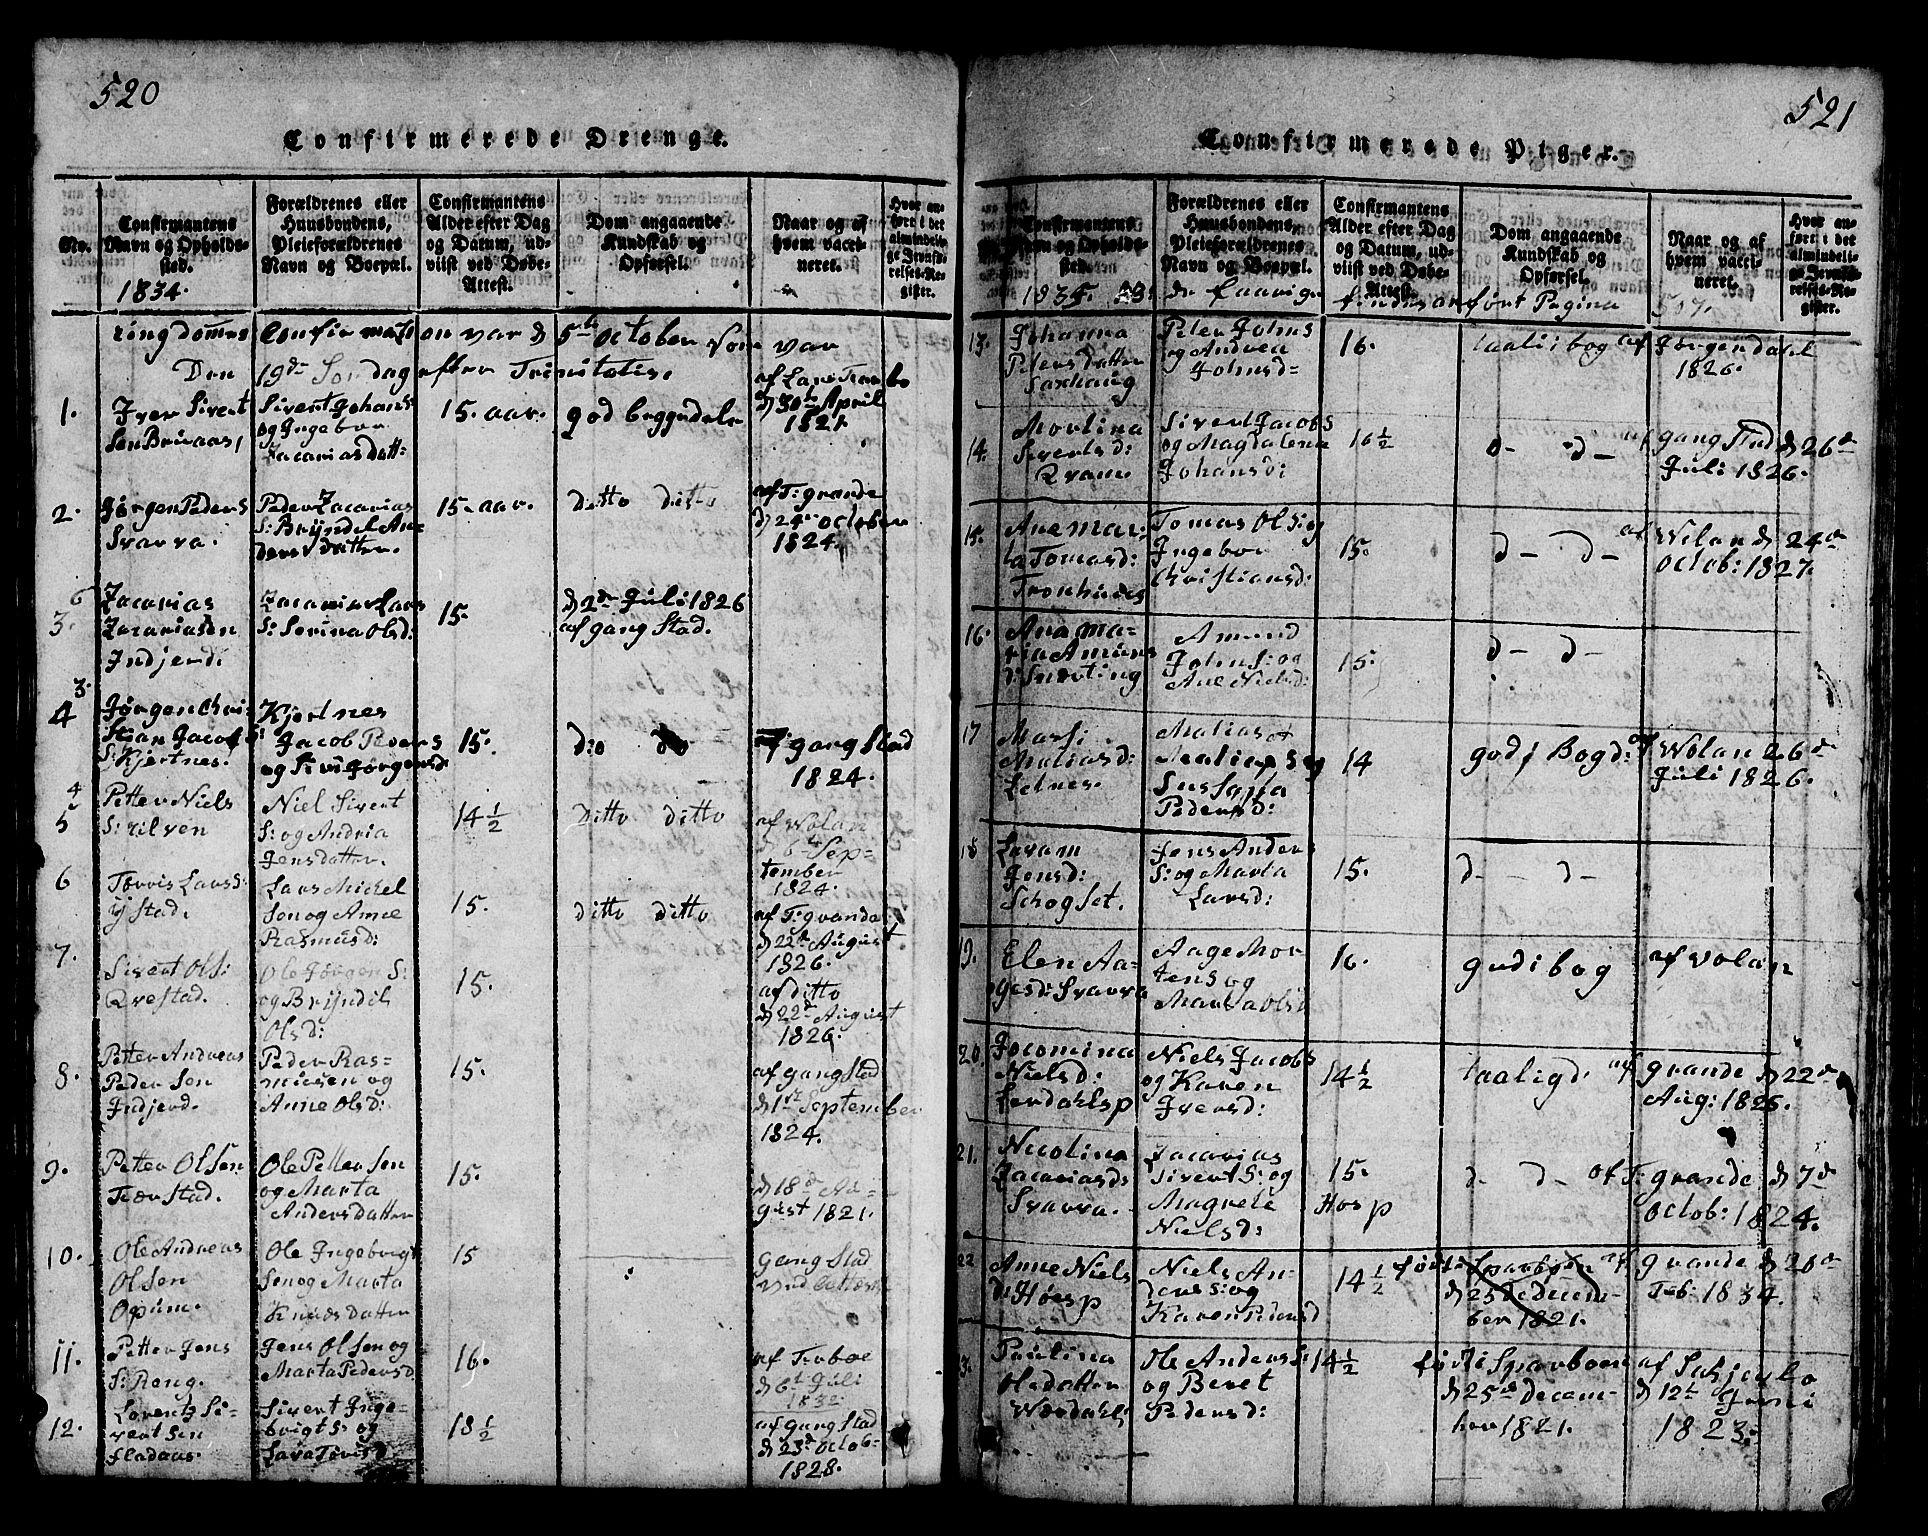 SAT, Ministerialprotokoller, klokkerbøker og fødselsregistre - Nord-Trøndelag, 730/L0298: Klokkerbok nr. 730C01, 1816-1849, s. 520-521